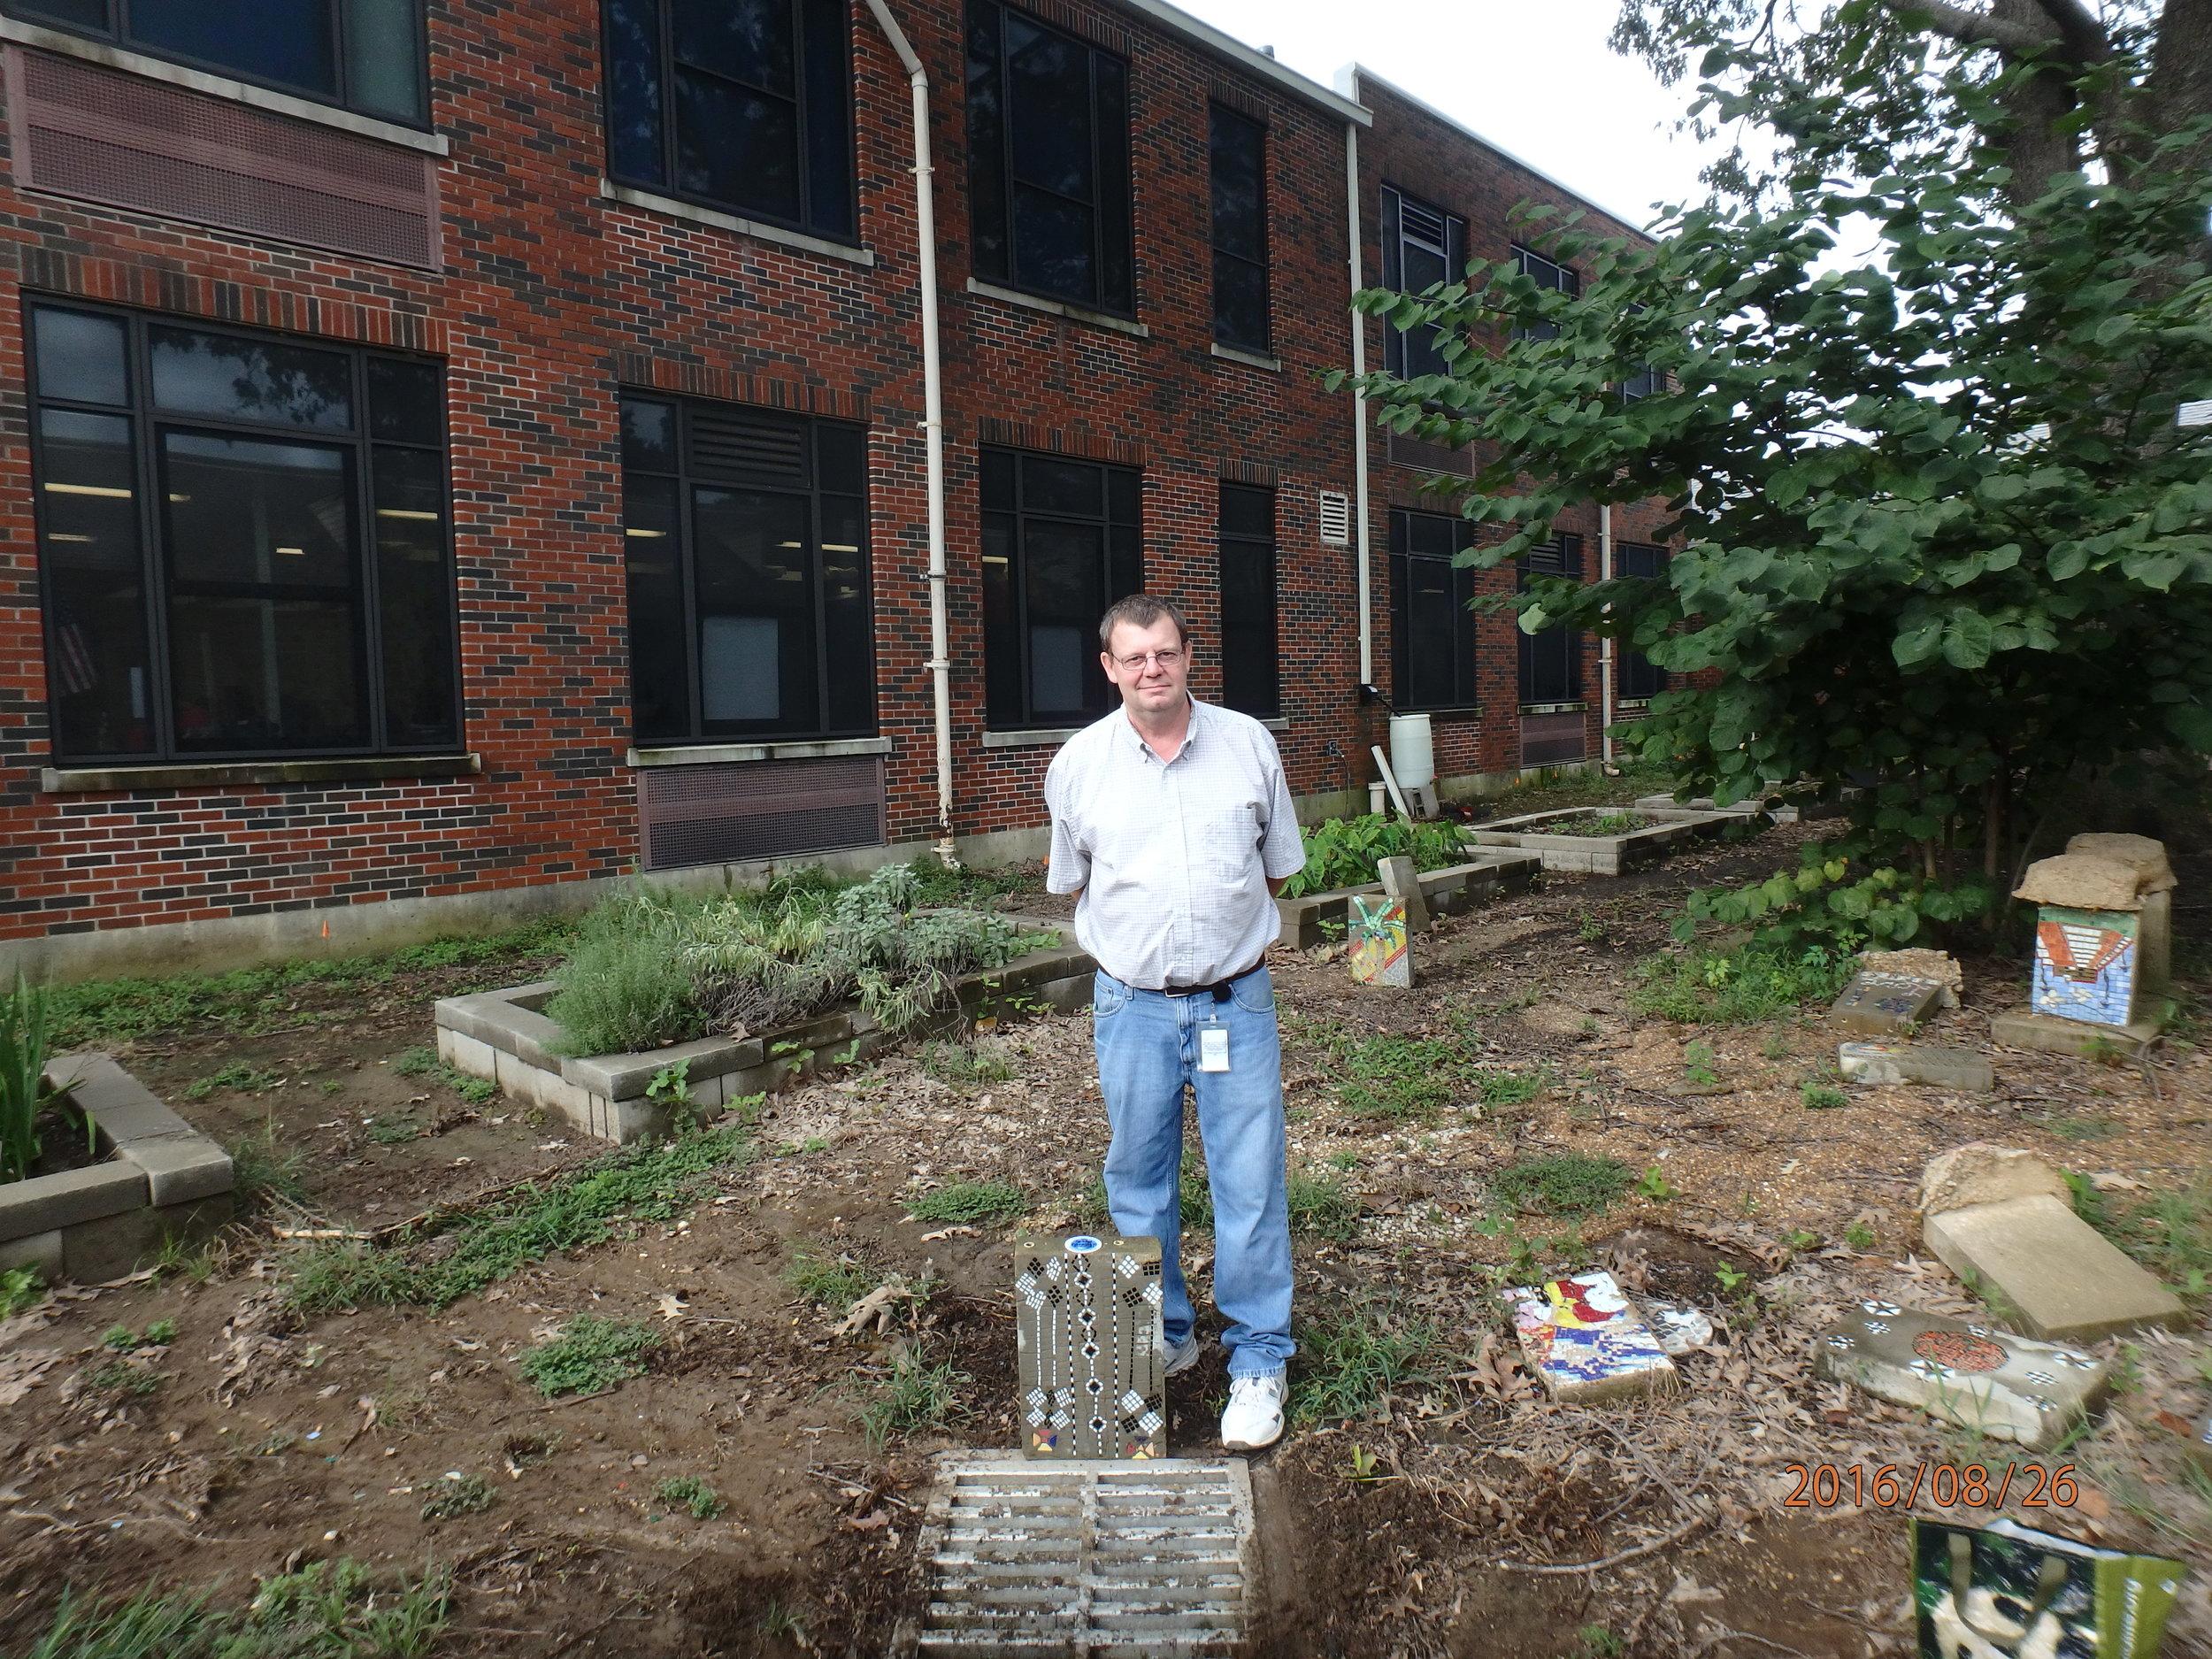 The John F. Belew Memorial Adopted Storm Drain at Kingsbury High School